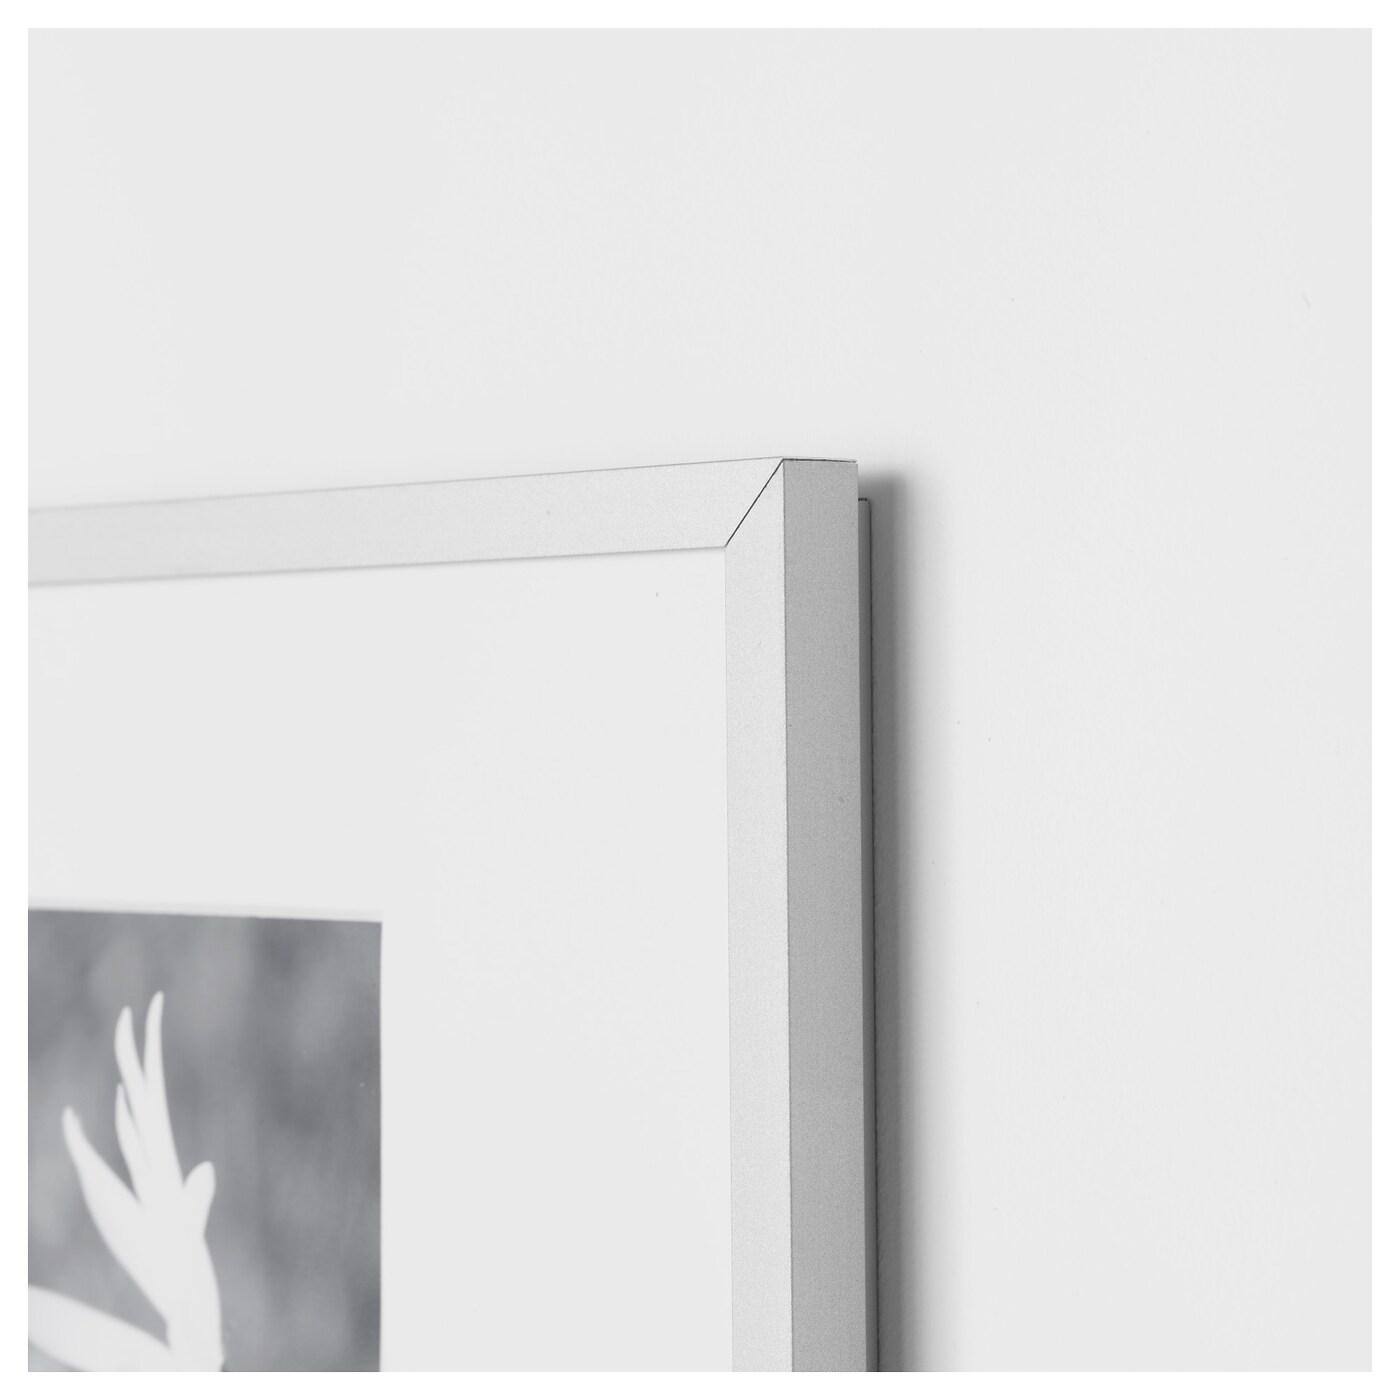 LOMVIKEN Frame Aluminium 32 x 32 cm - IKEA